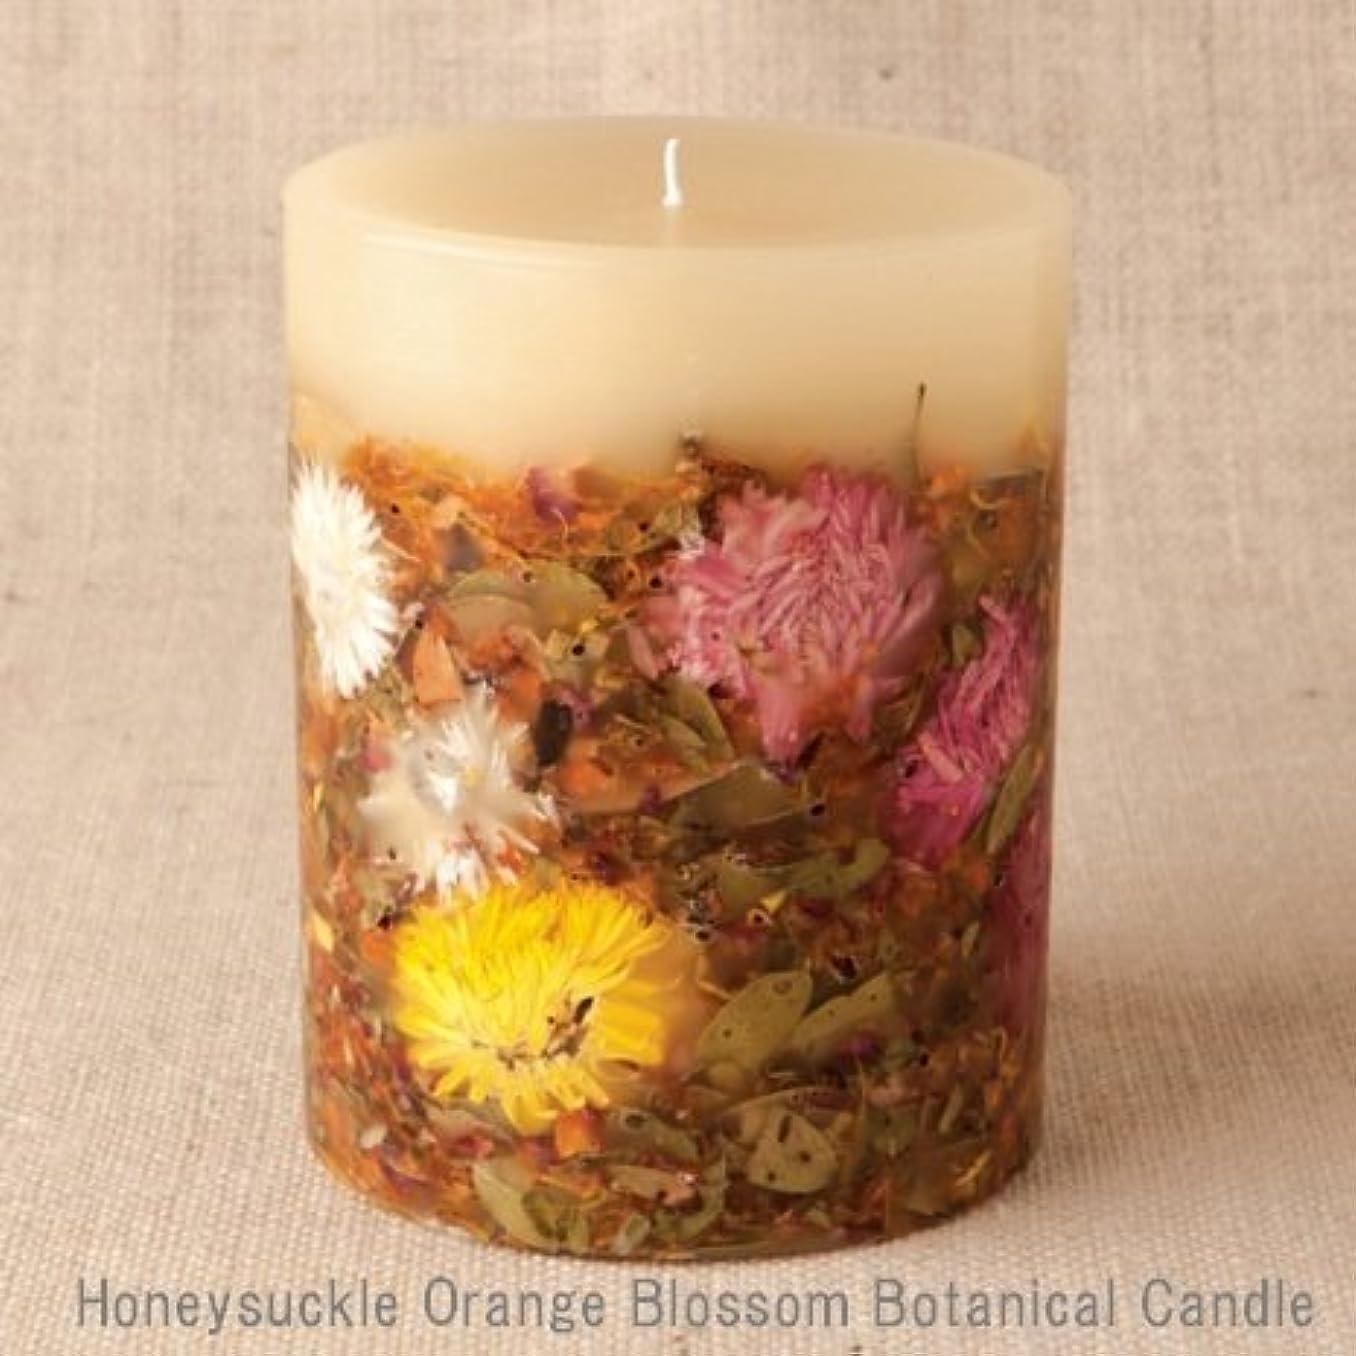 着るチューブ決定【Rosy Rings ロージーリングス】 Botanical candle キャンドル ハニーサックルオレンジ&ブロッサム